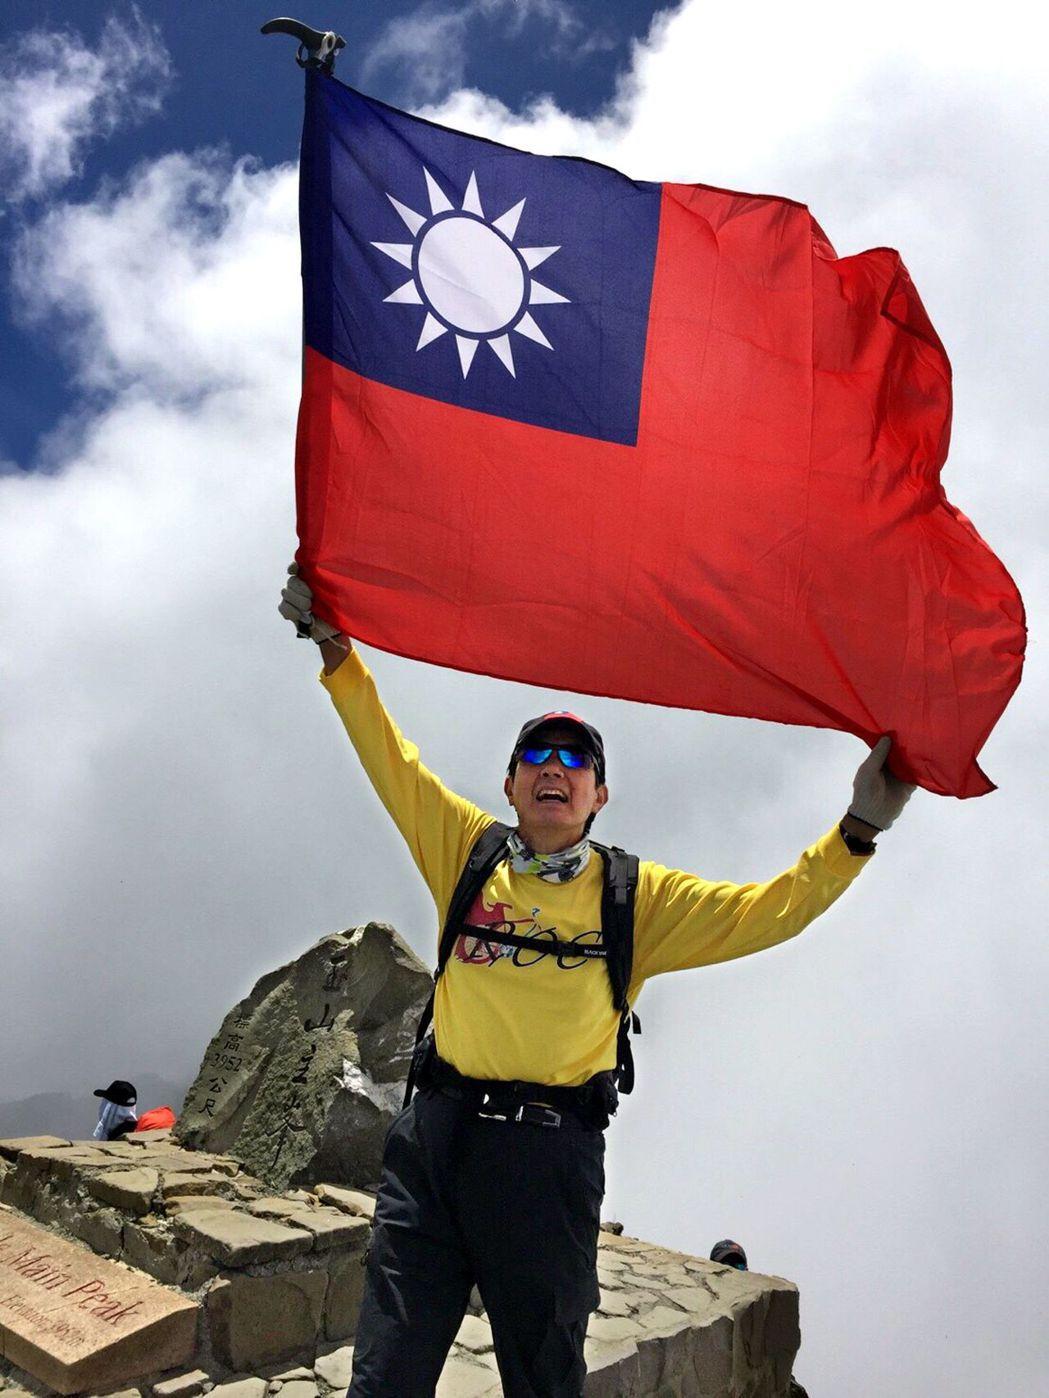 前總統馬英九去年8月以單日攻頂往返方式,帶著國旗一舉登上玉山主峰,成為我國首位成...